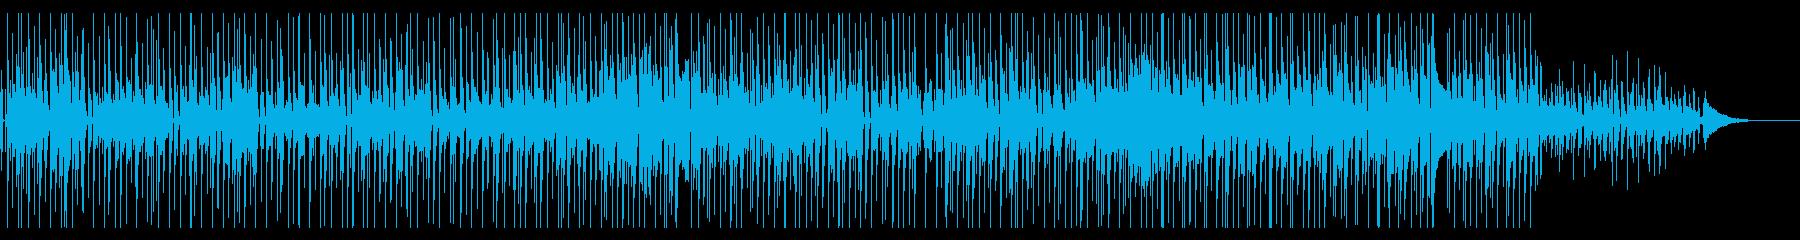 ゆったりとしたポップス風のBGMです。の再生済みの波形